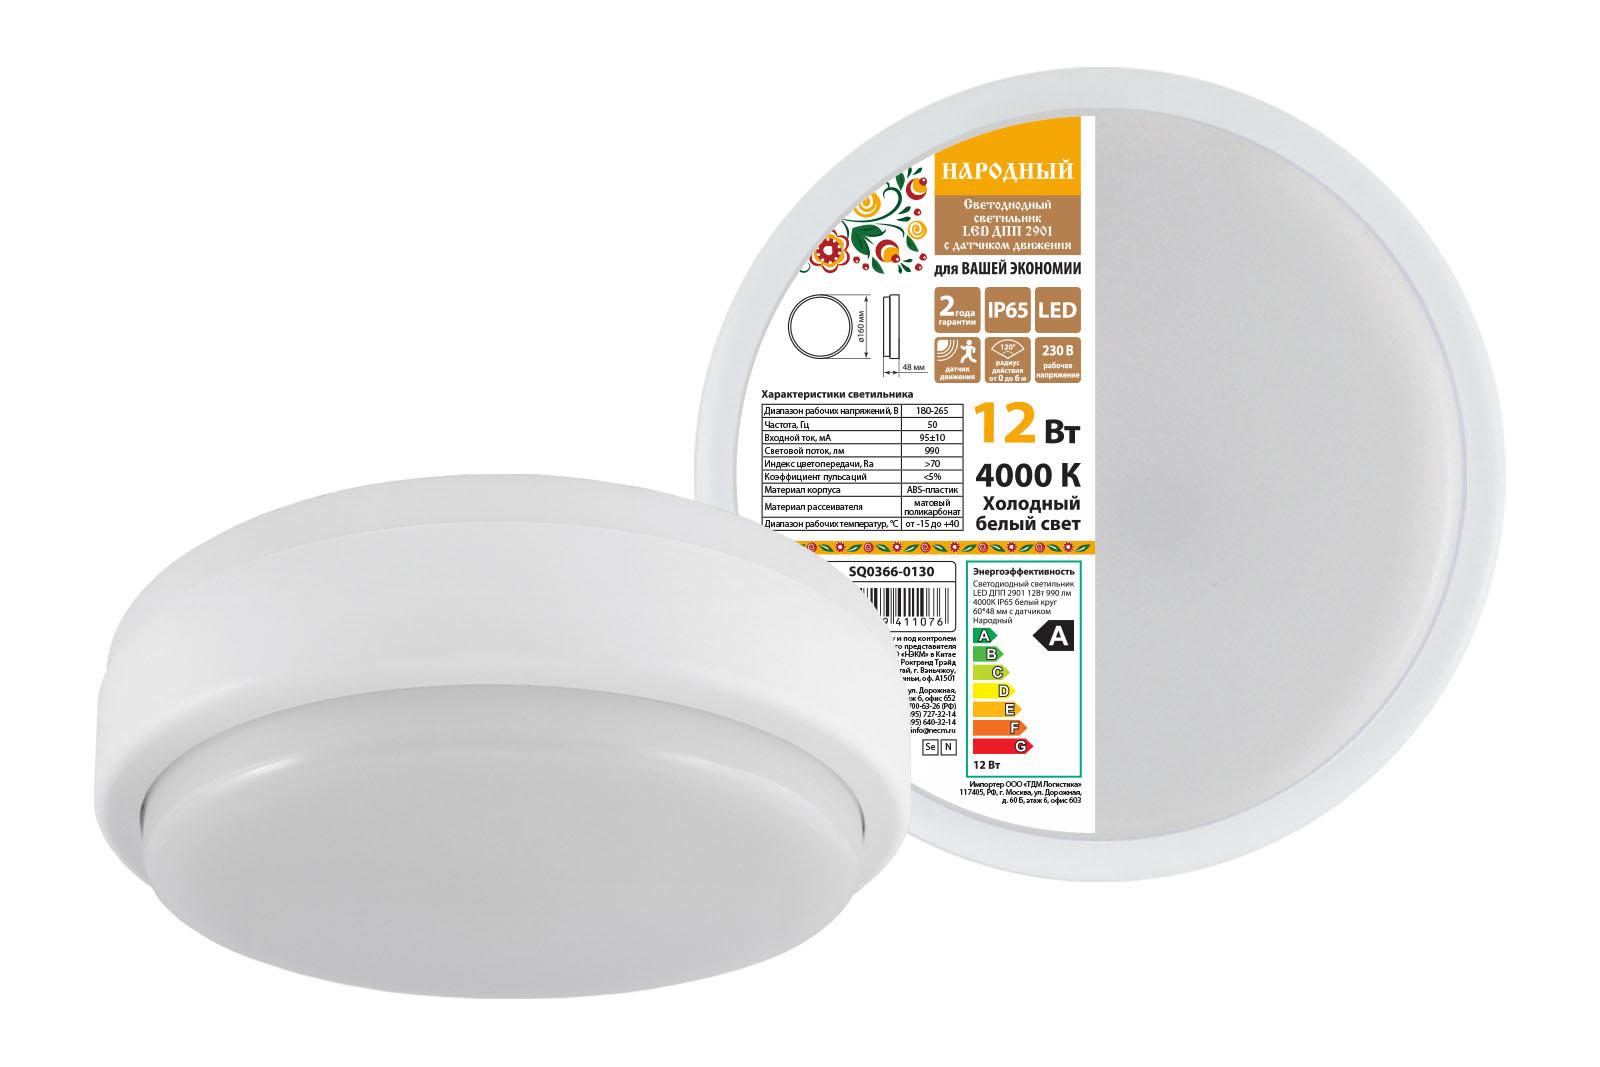 Фото Светодиодный светильник LED ДПП 2901 12Вт 990 лм 4000К IP65 белый круг 160*48 мм с датчиком Народный {SQ0366-0130}